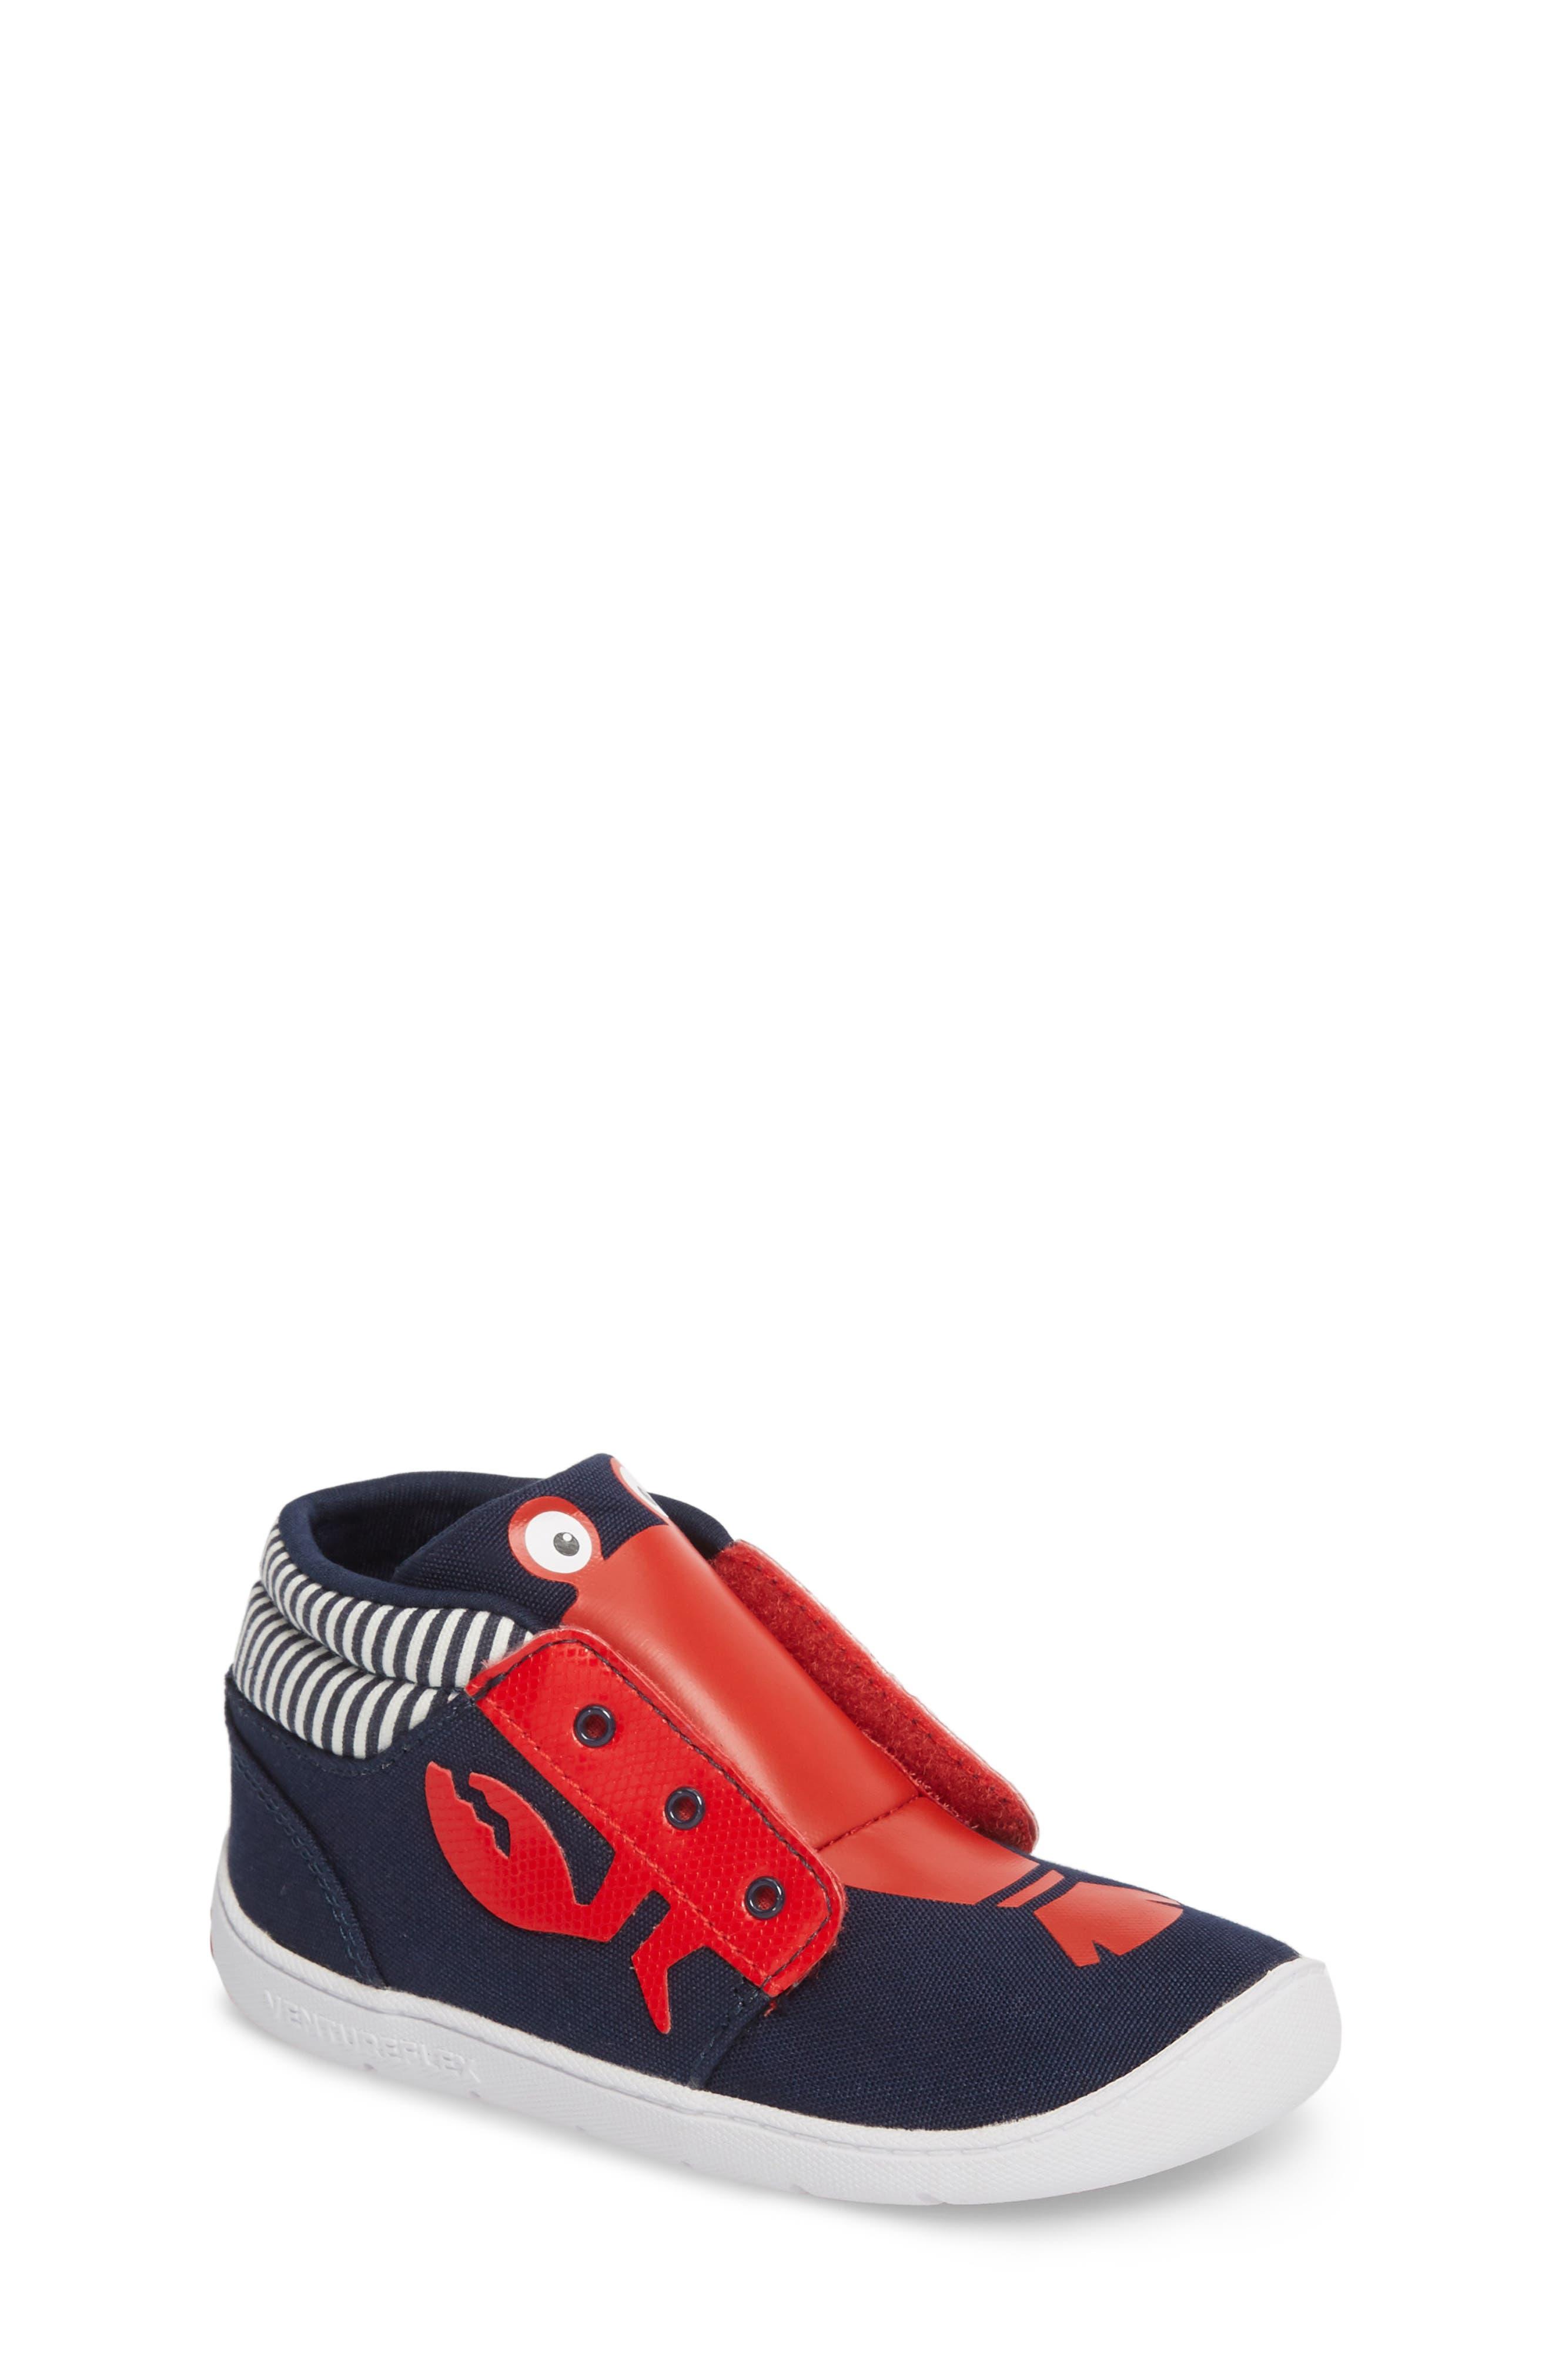 Ventureflex High Top Critter Sneaker,                             Main thumbnail 1, color,                             Blue